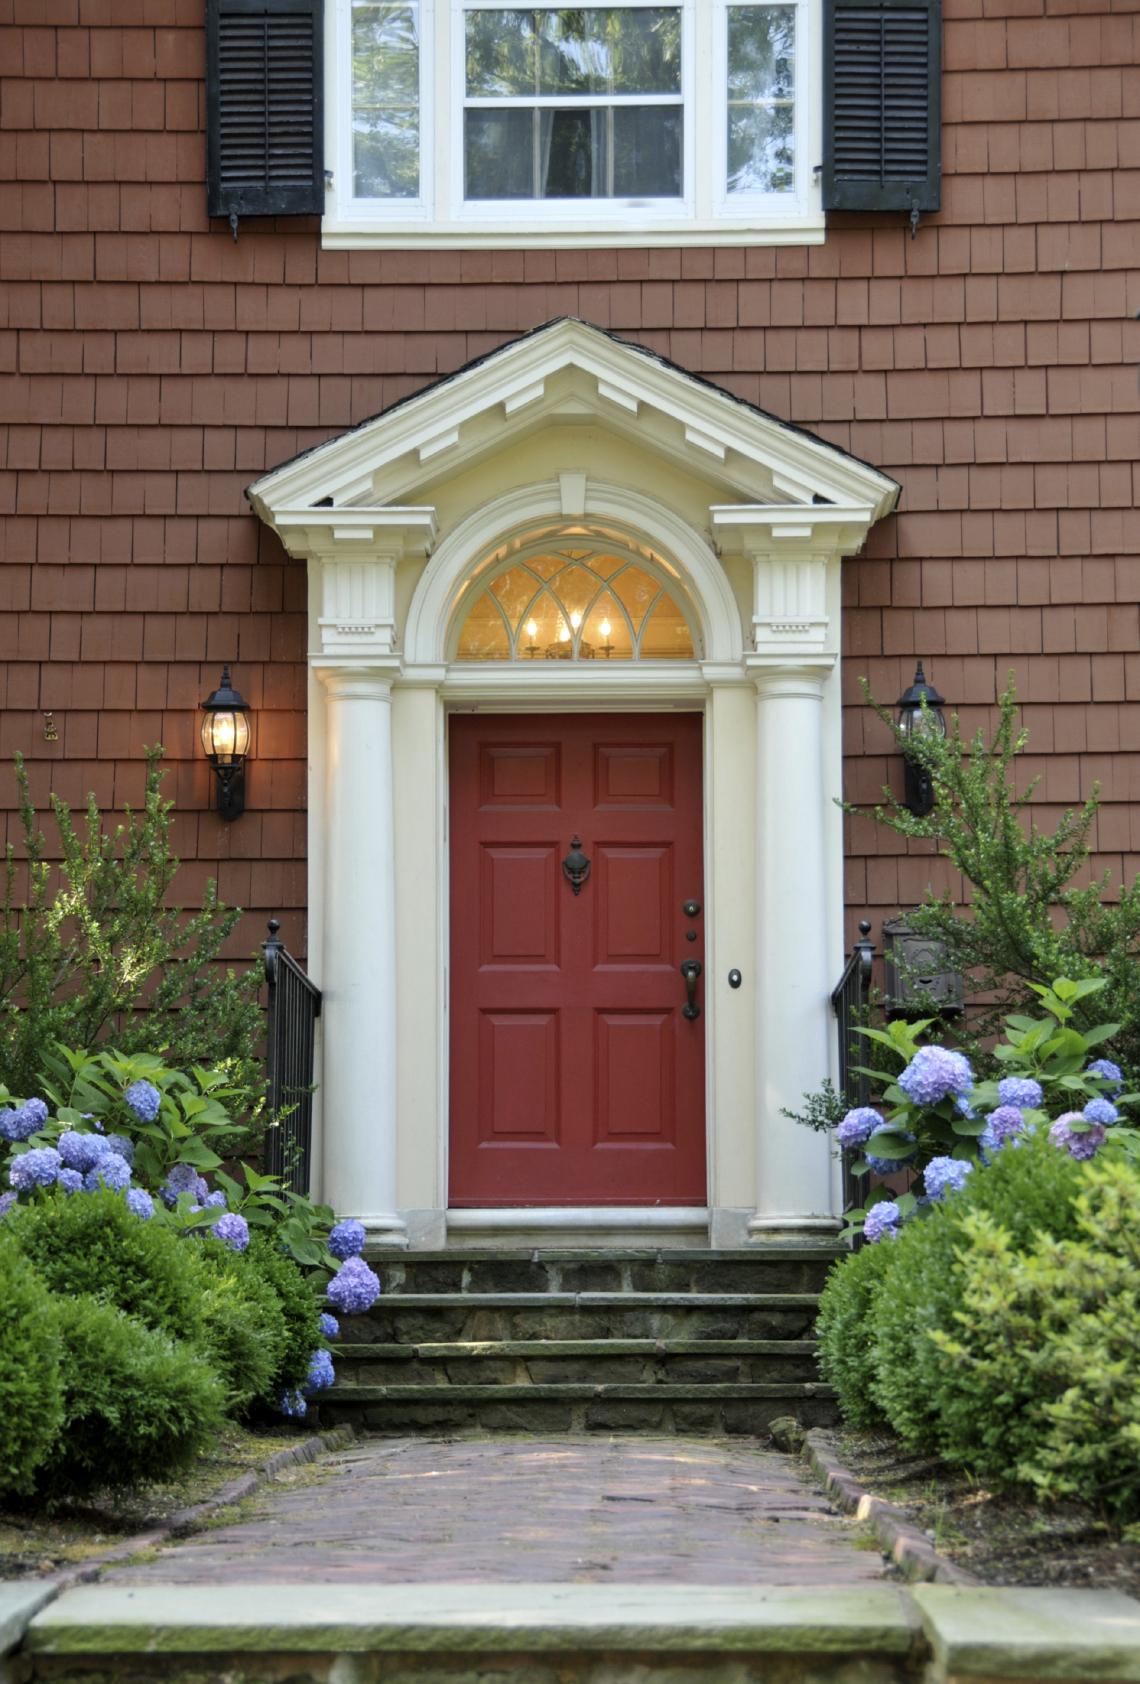 Masonite Predicts Most Impactful Home Design Trends For